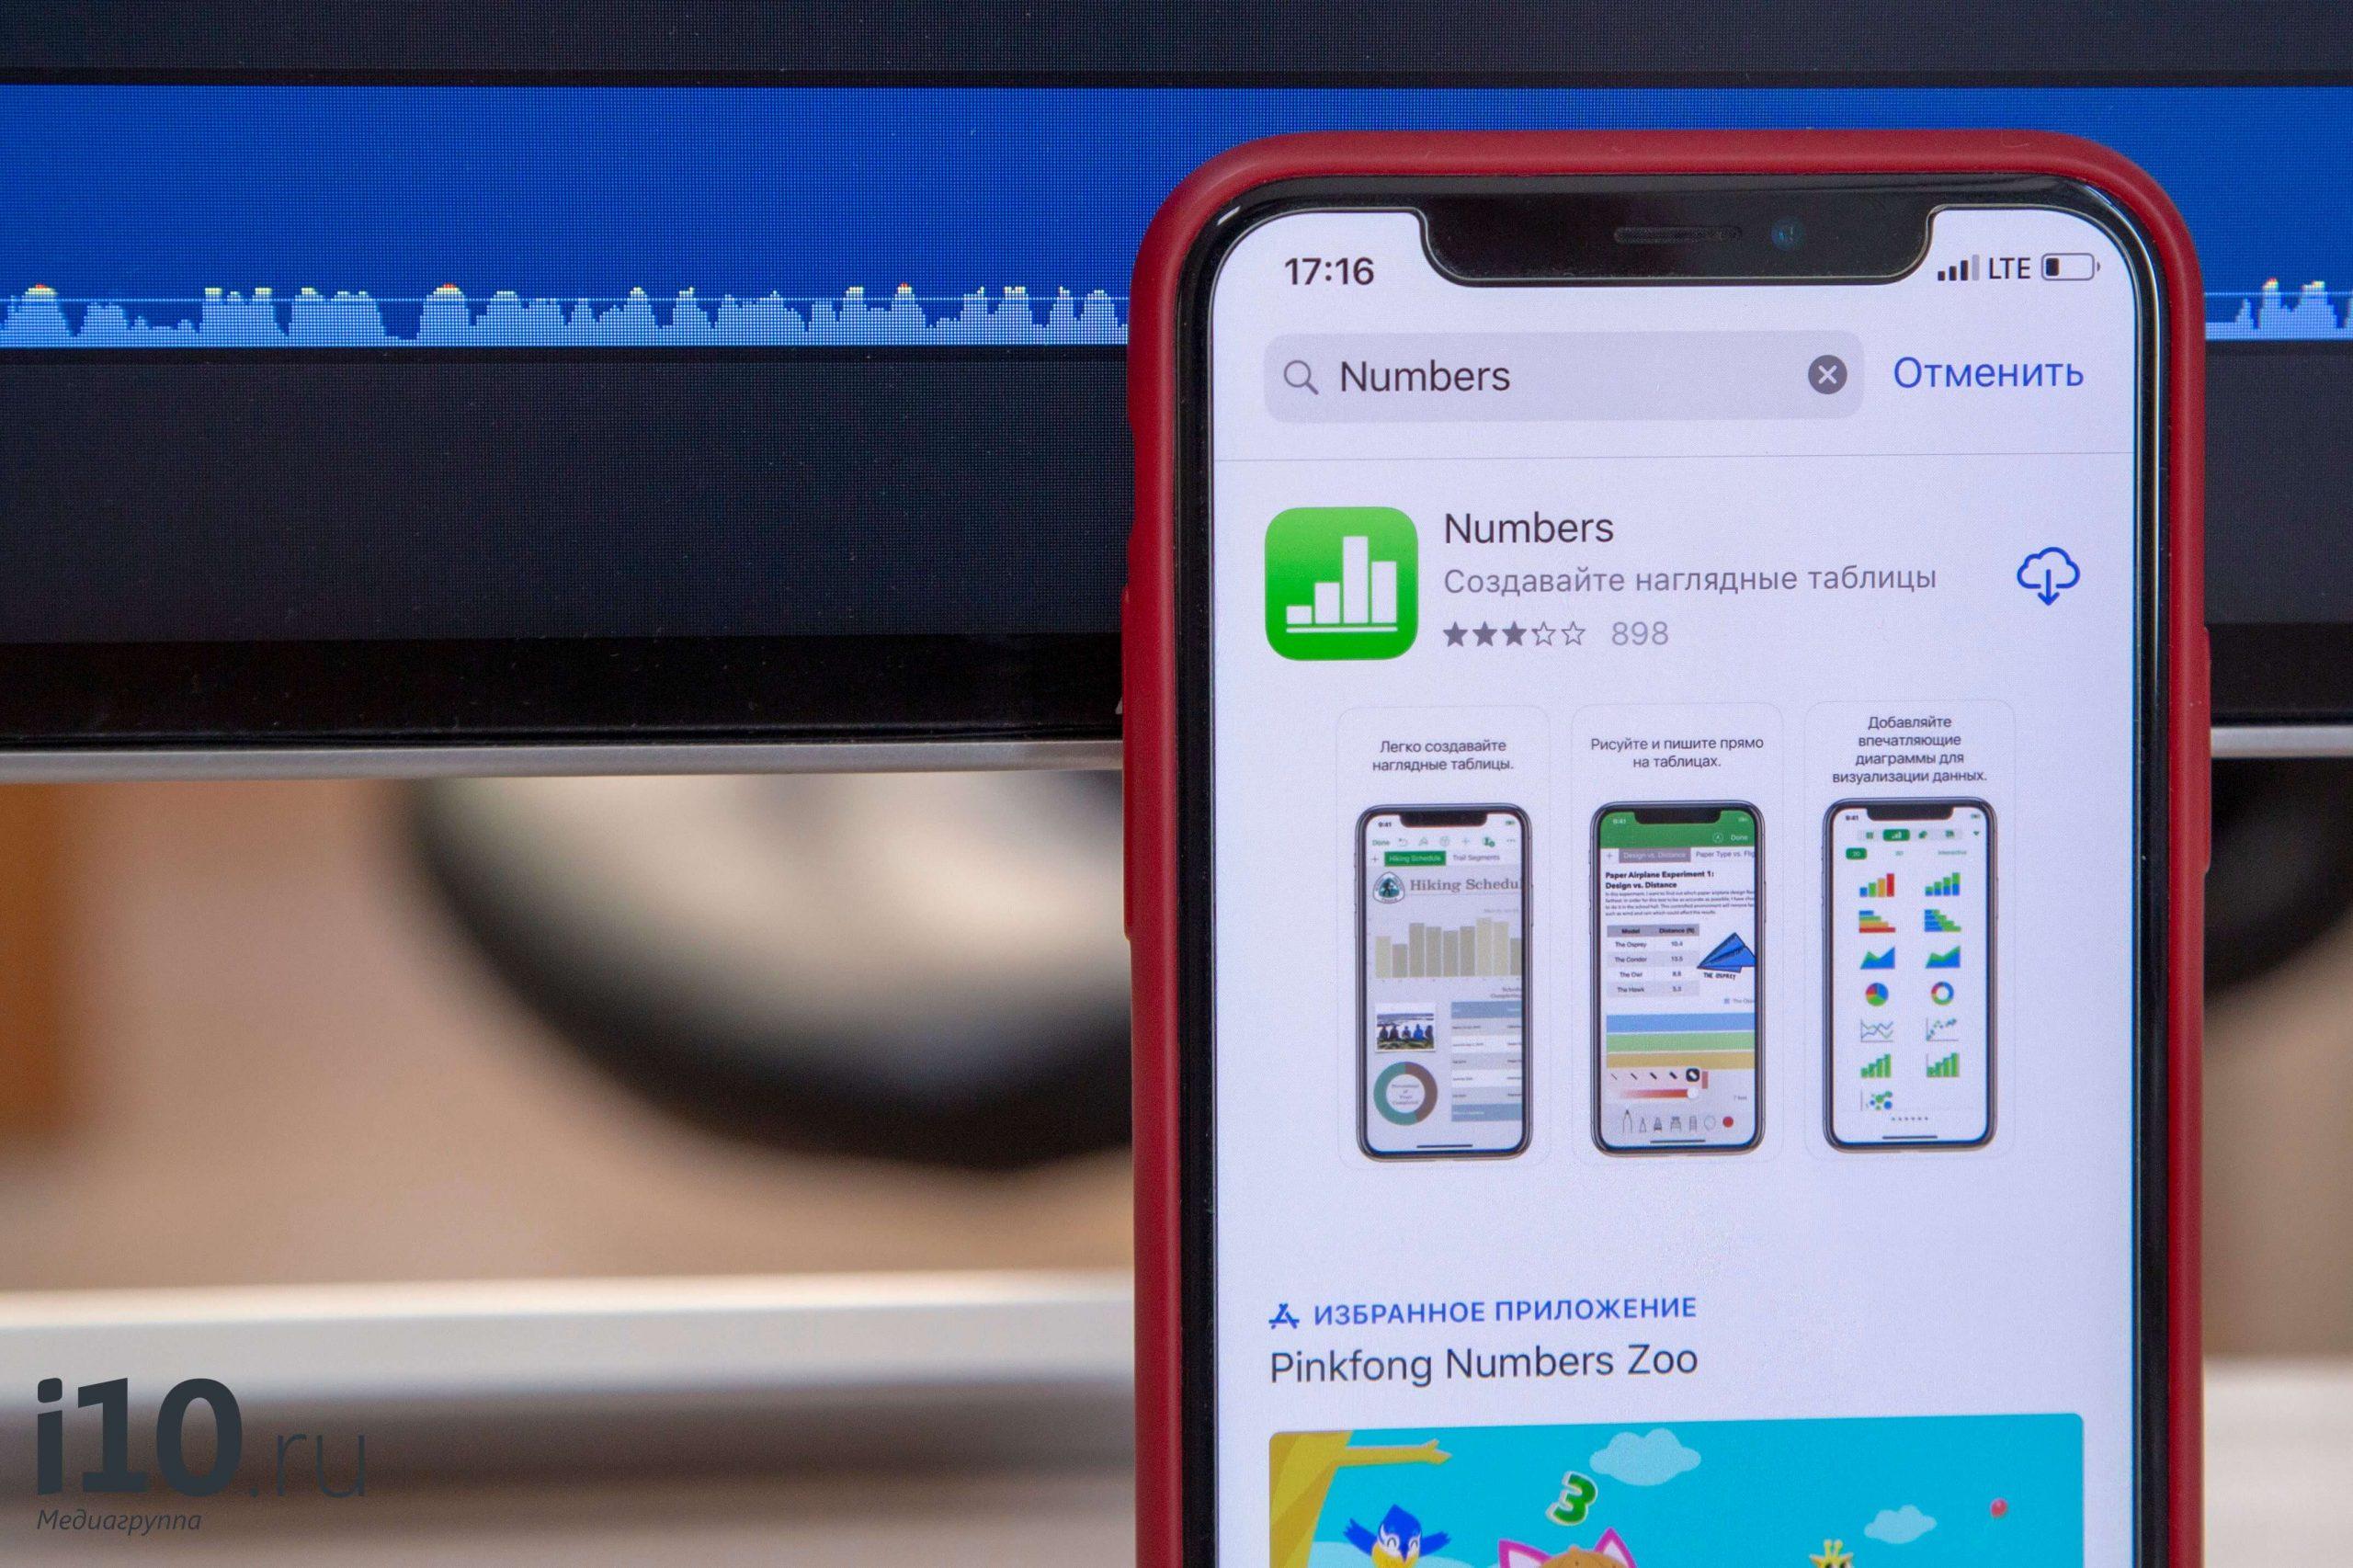 Старший инженер Apple: модерация приложений App Store это «пластиковый нож в перестрелке»